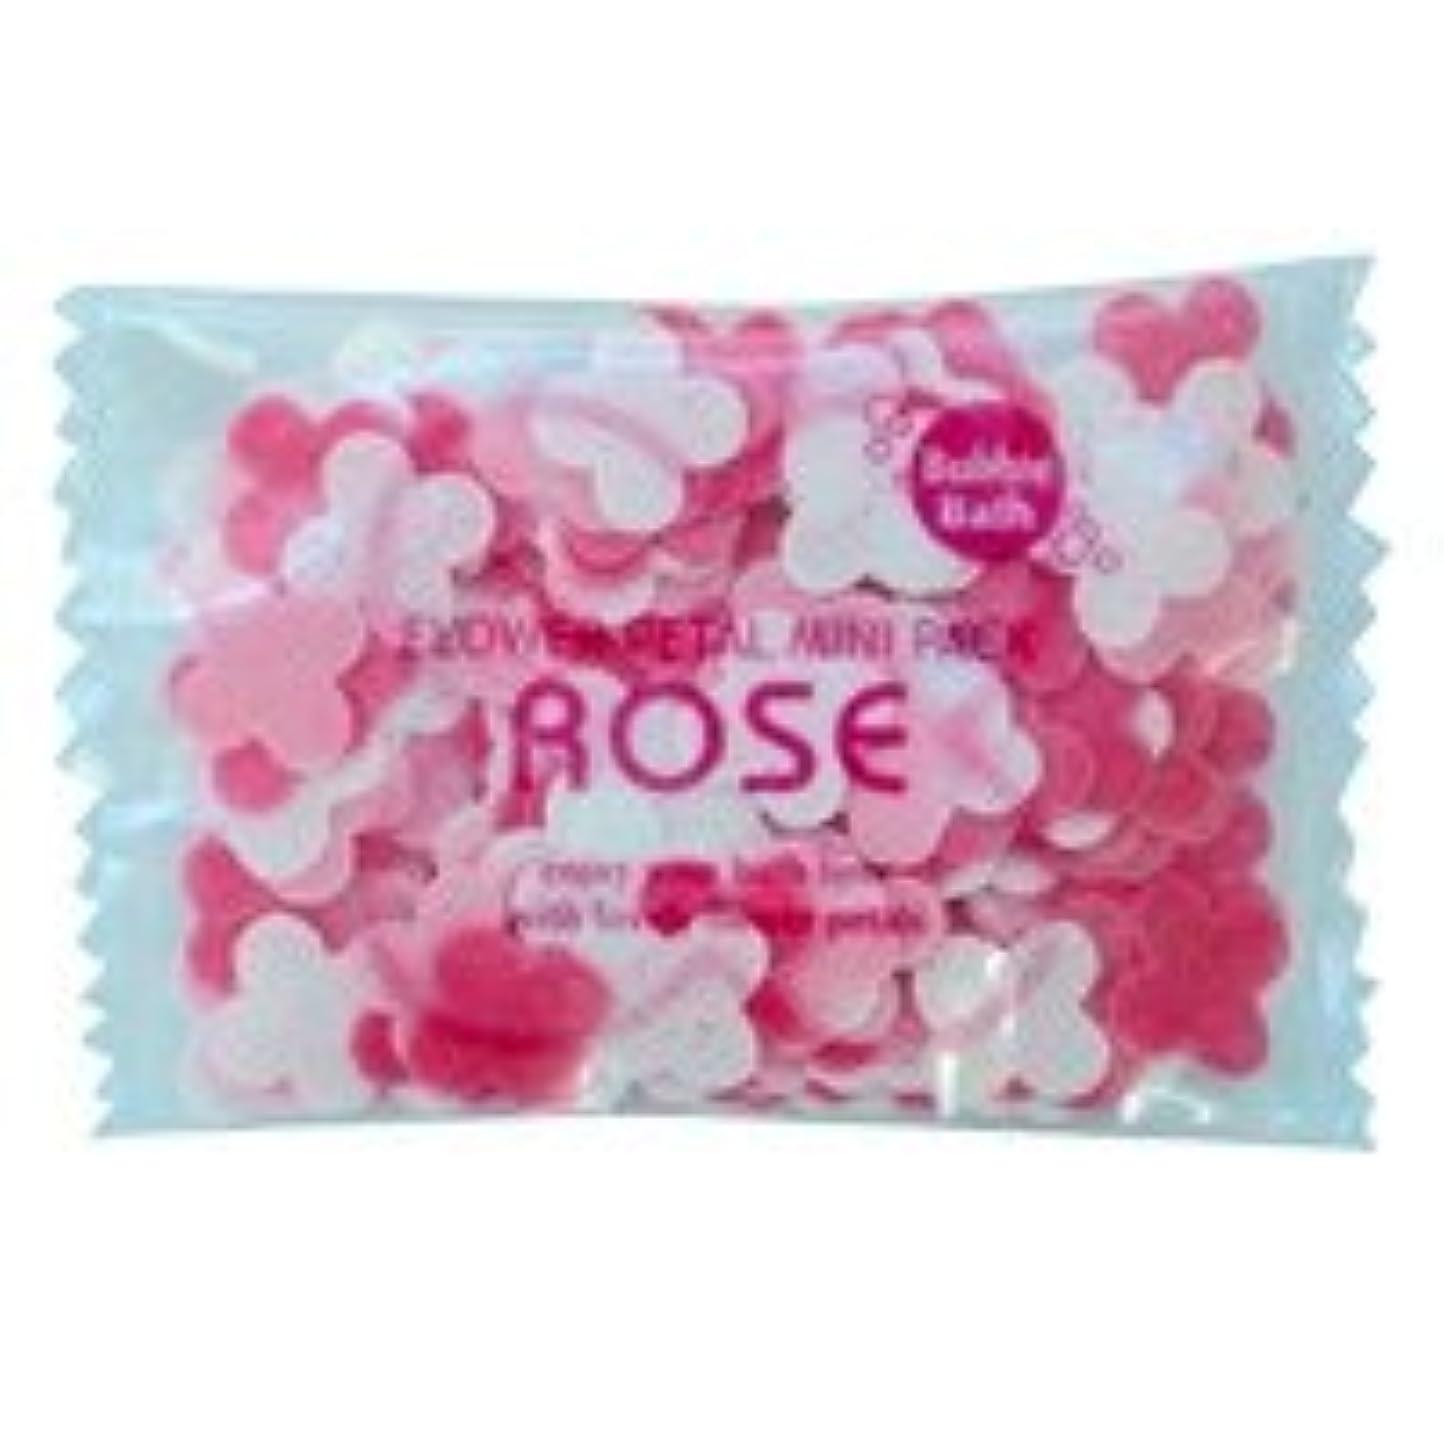 サミットトレイ休戦フラワーペタル バブルバス ミニパック「ローズ」20個セット ハッピーな気分になりたい日に幸福感で包んでくれる華やかなローズの香り